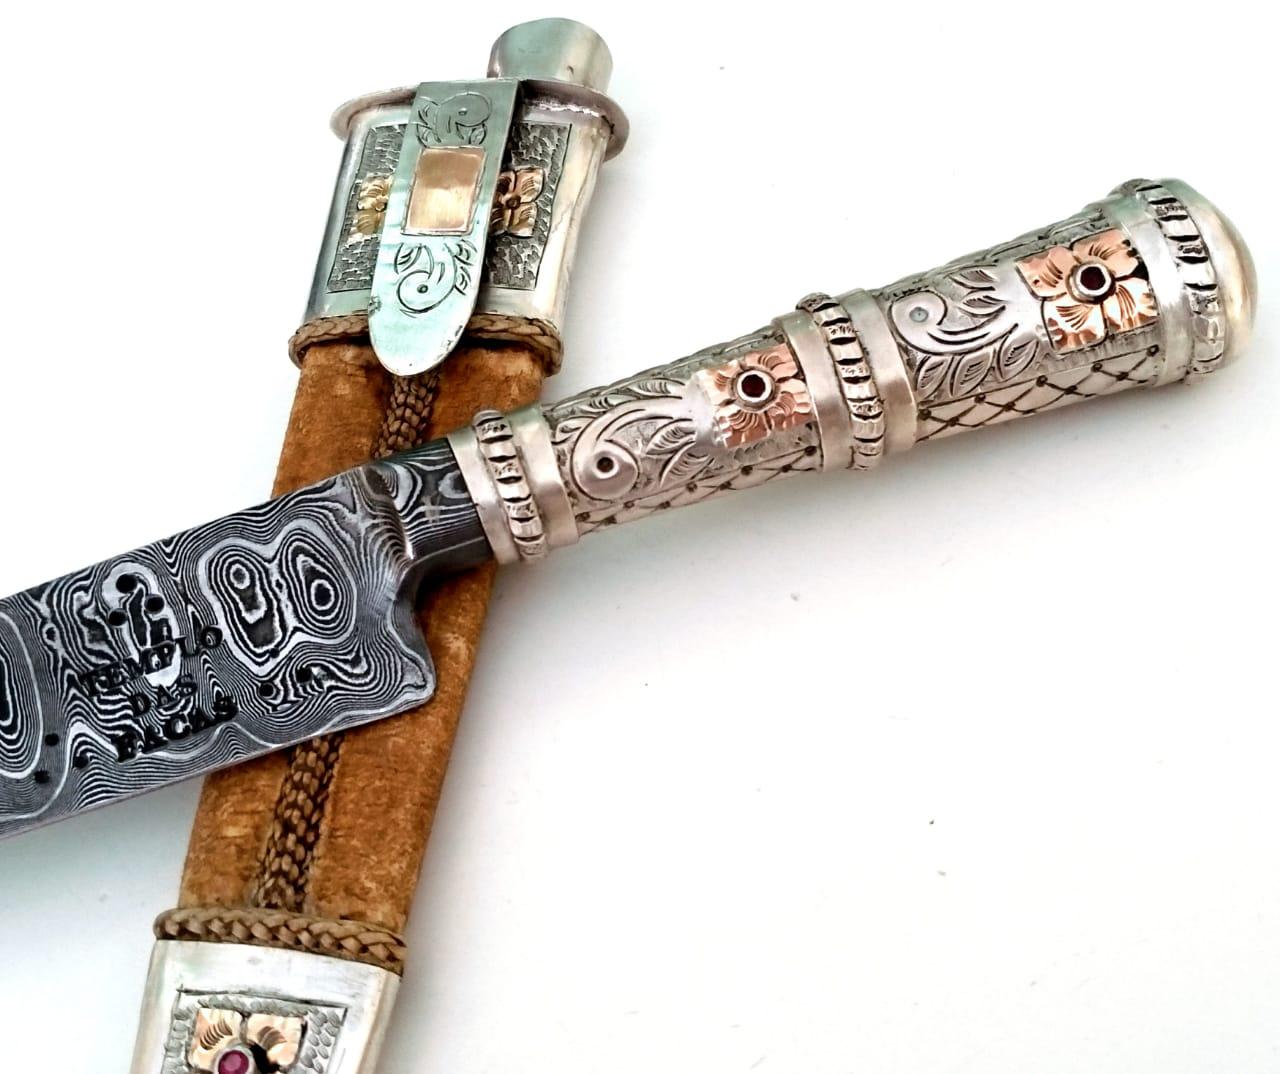 Faca artesanal forjada em aço de damasco picassa ouro e prata 8 polegadas